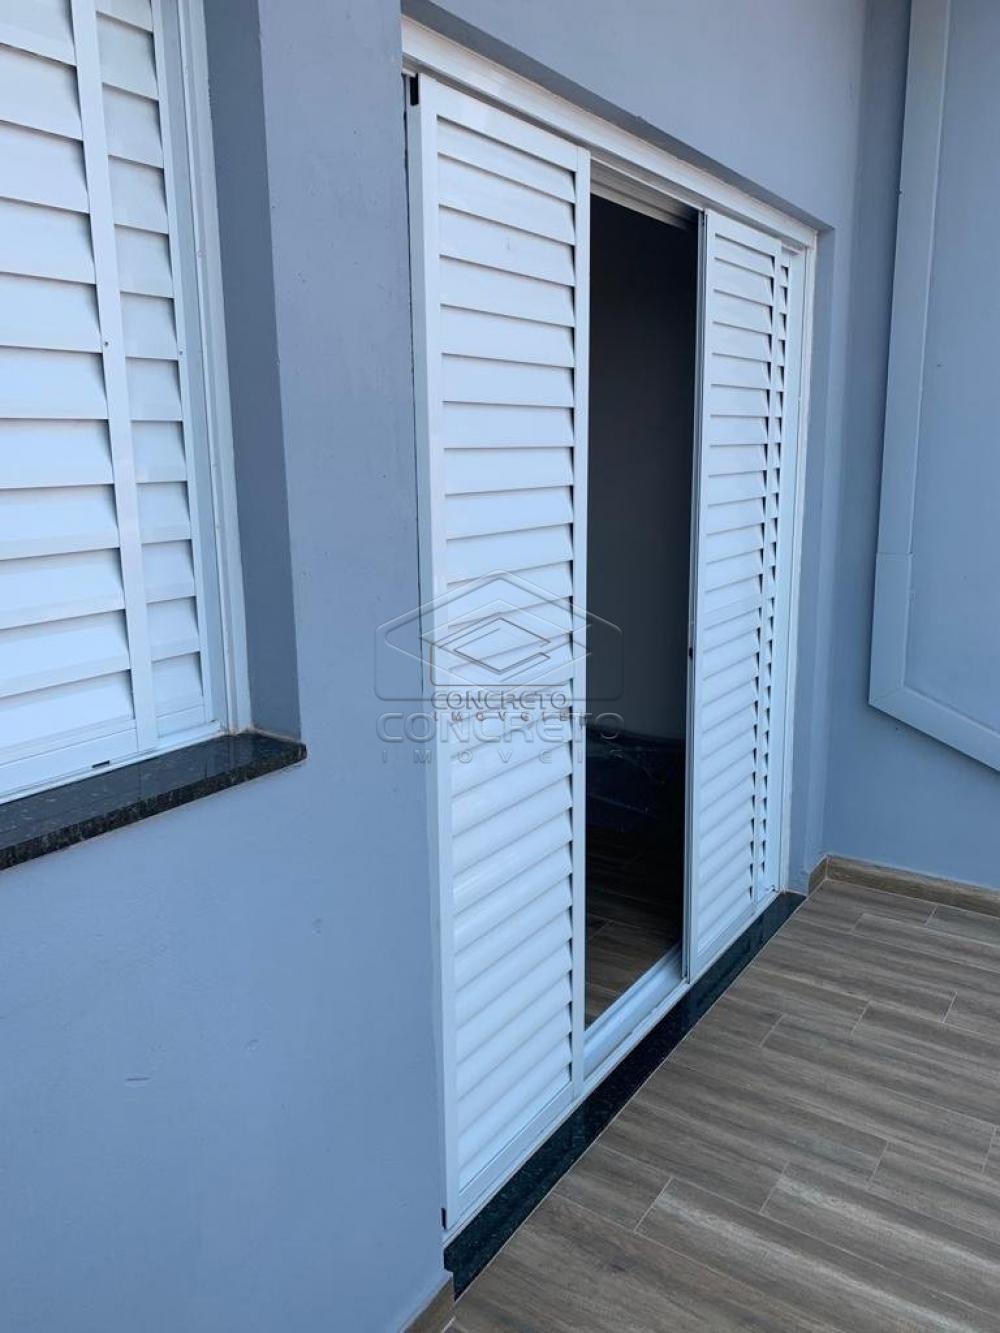 Comprar Casa / Padrão em Sao Manuel apenas R$ 650.000,00 - Foto 40